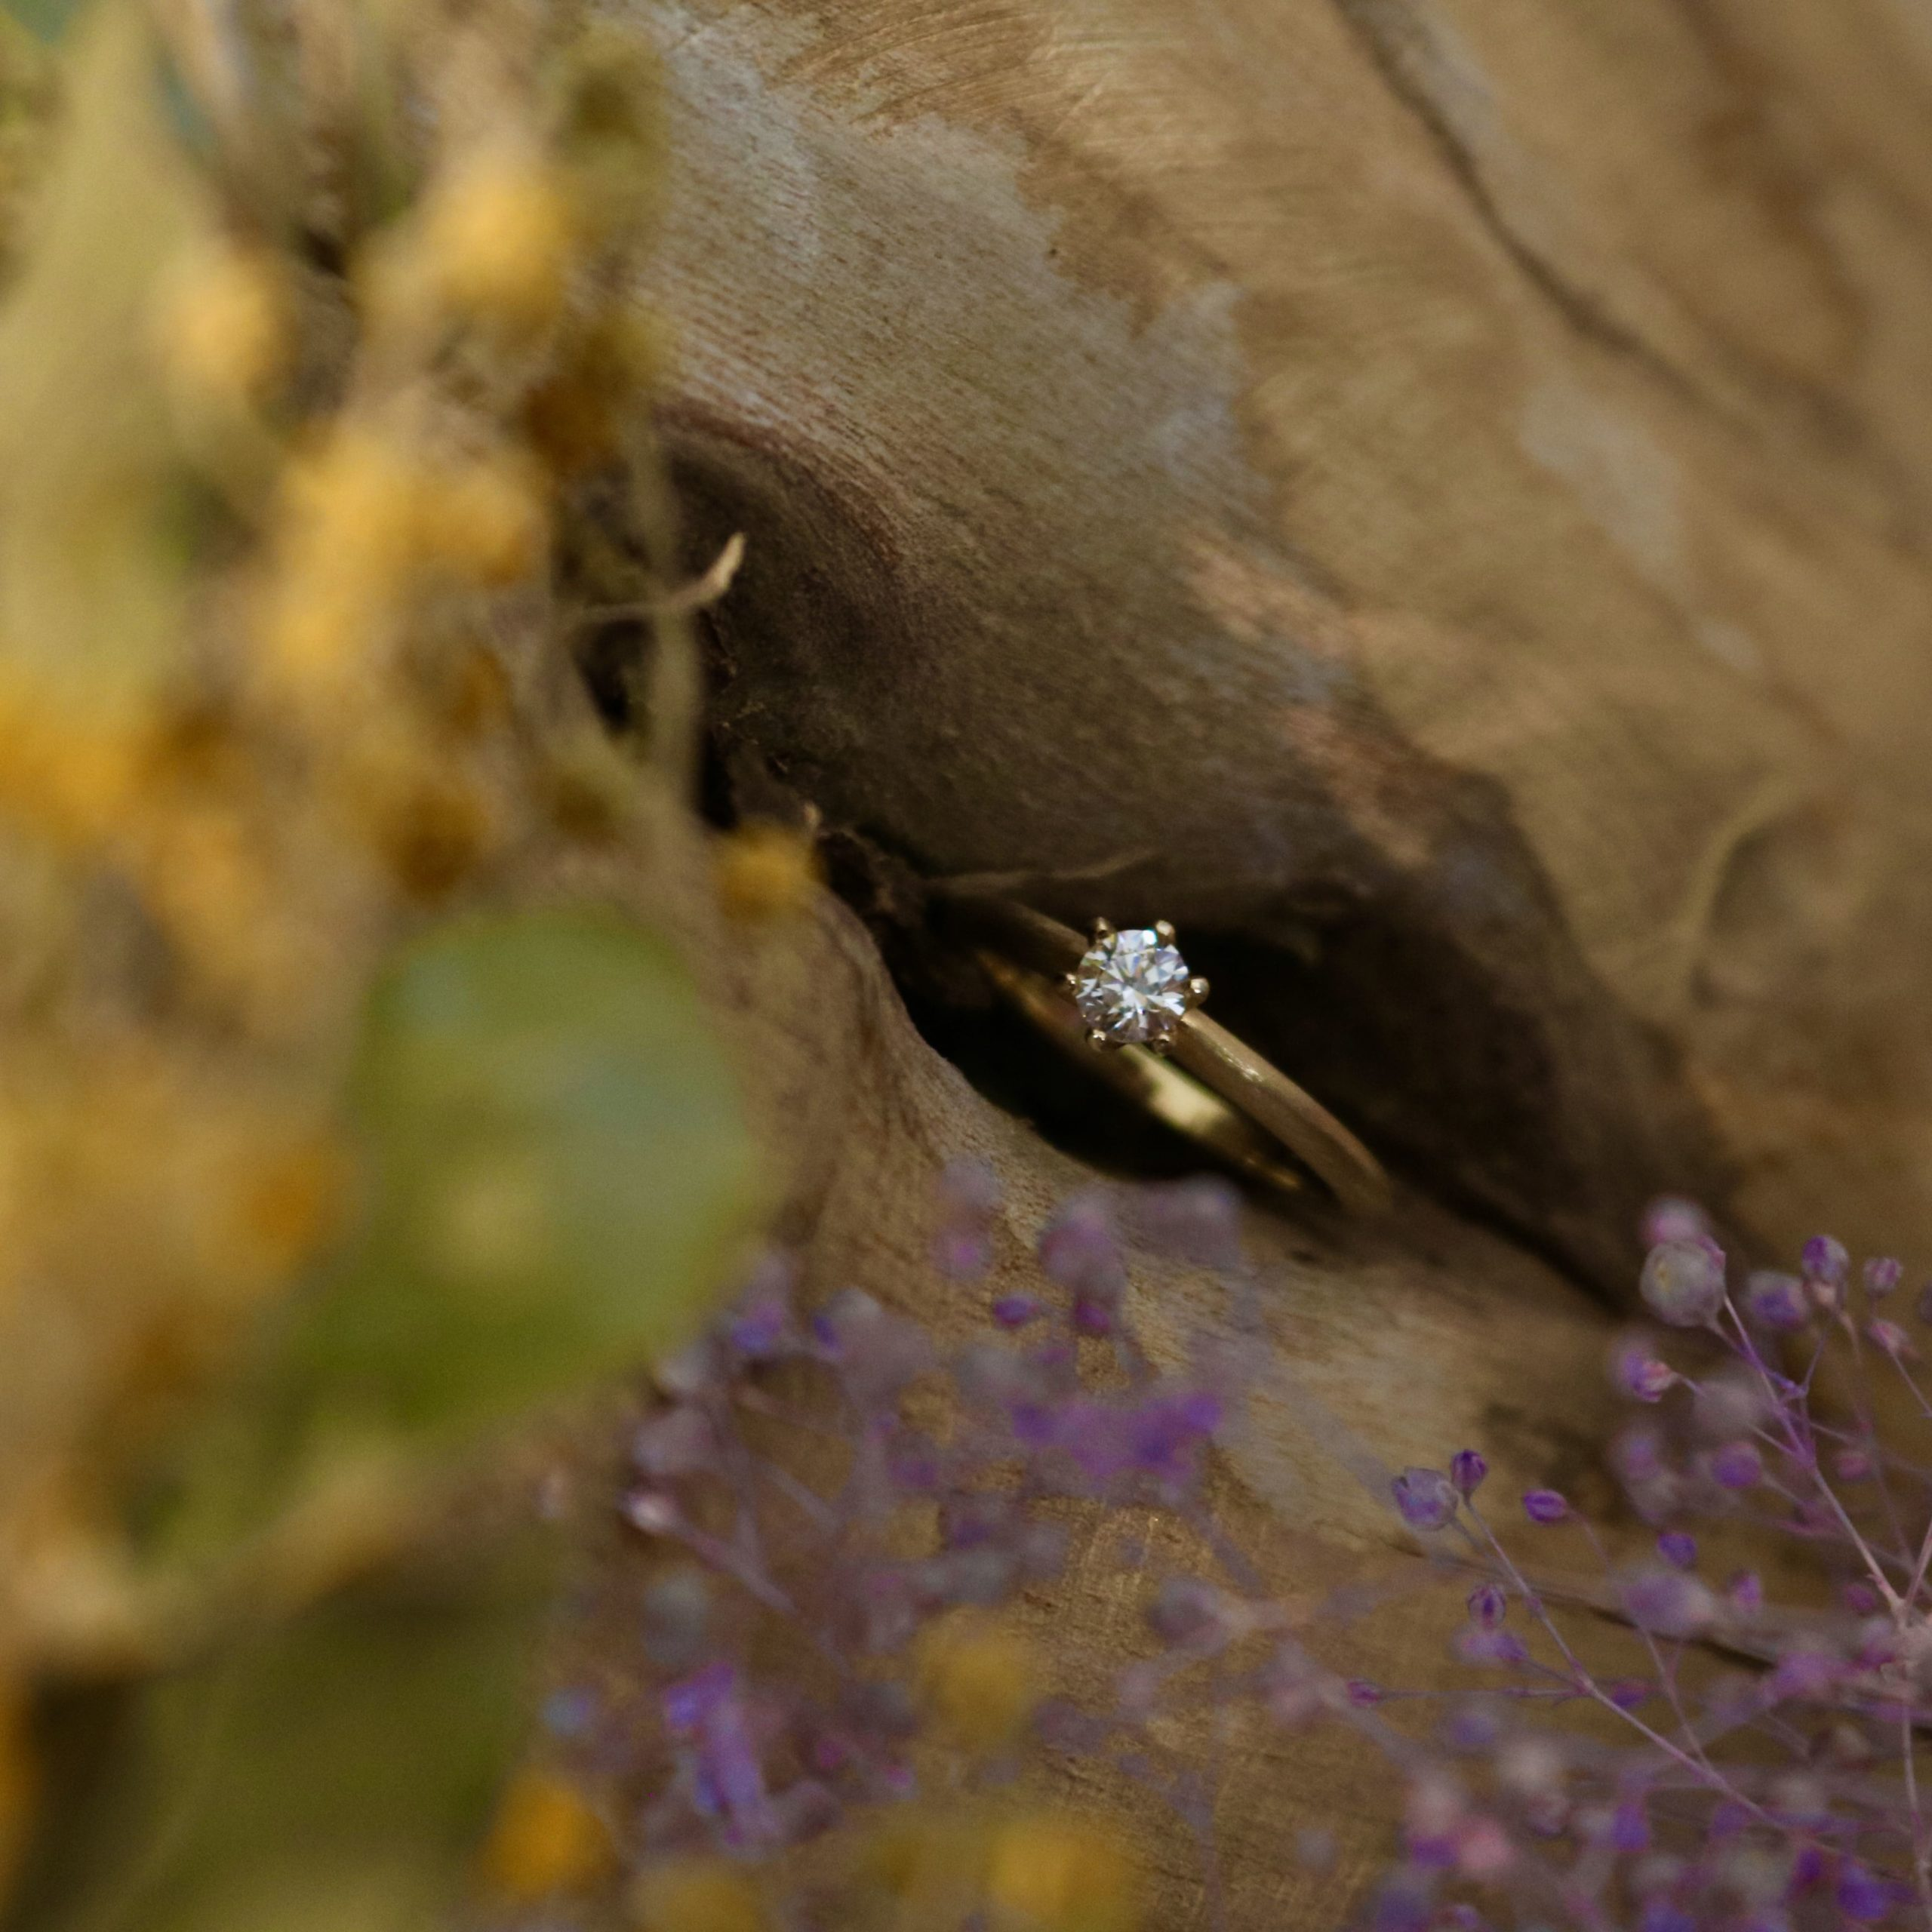 イエローゴールドのオーダーメイドの婚約指輪